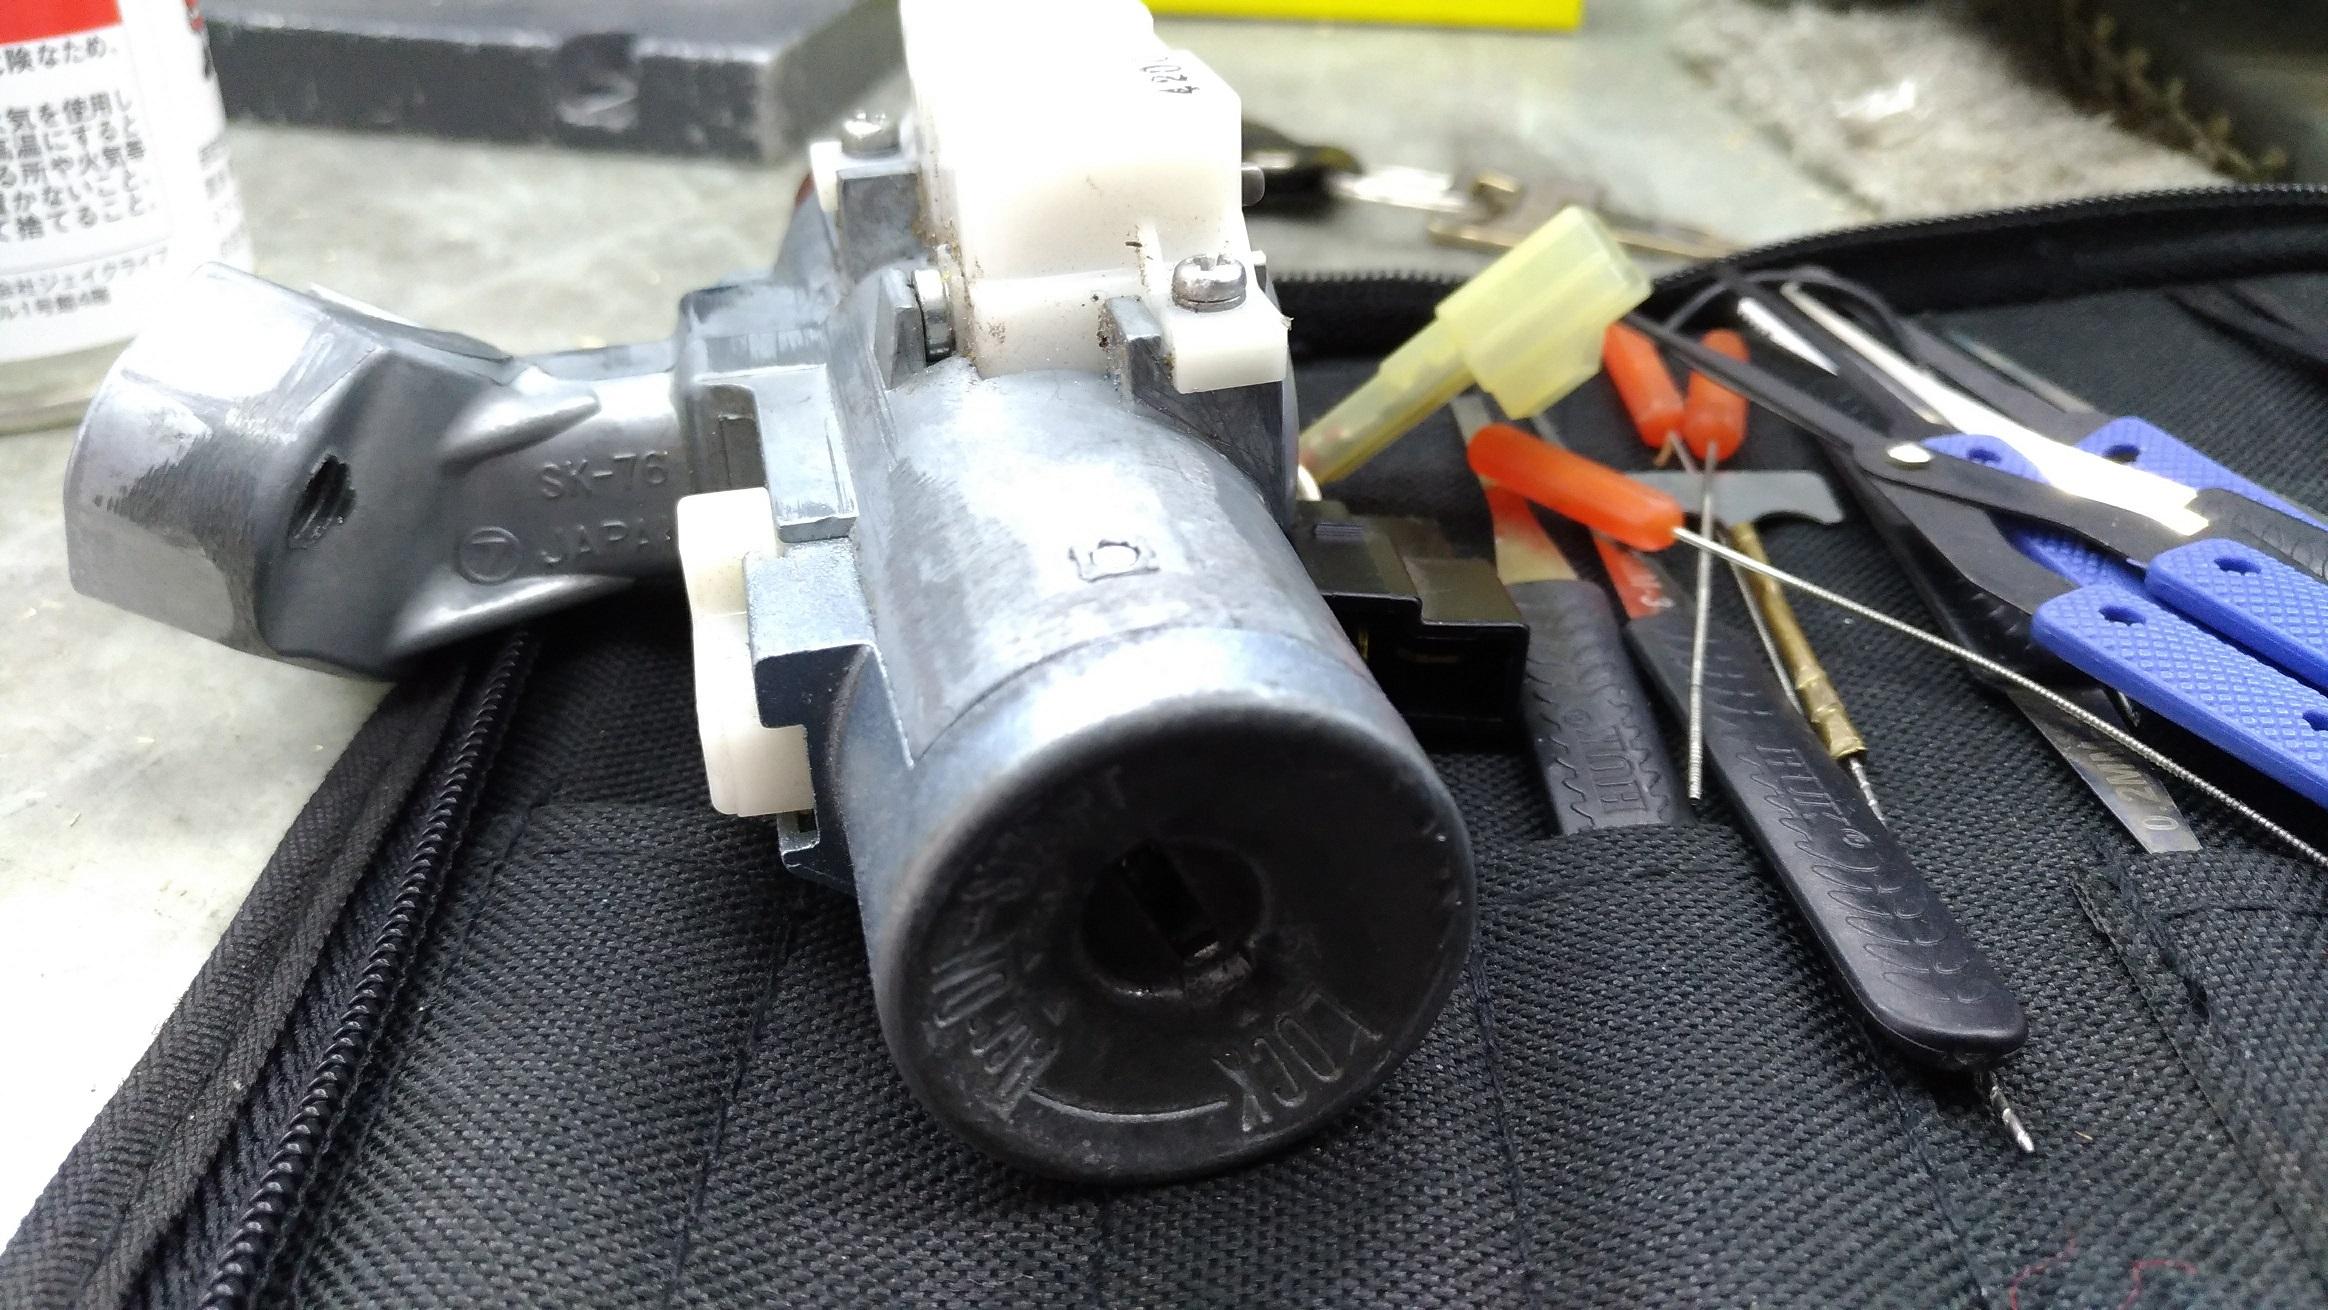 イグニッションシリンダーの奥まで折れた鍵が入ってしまっています。